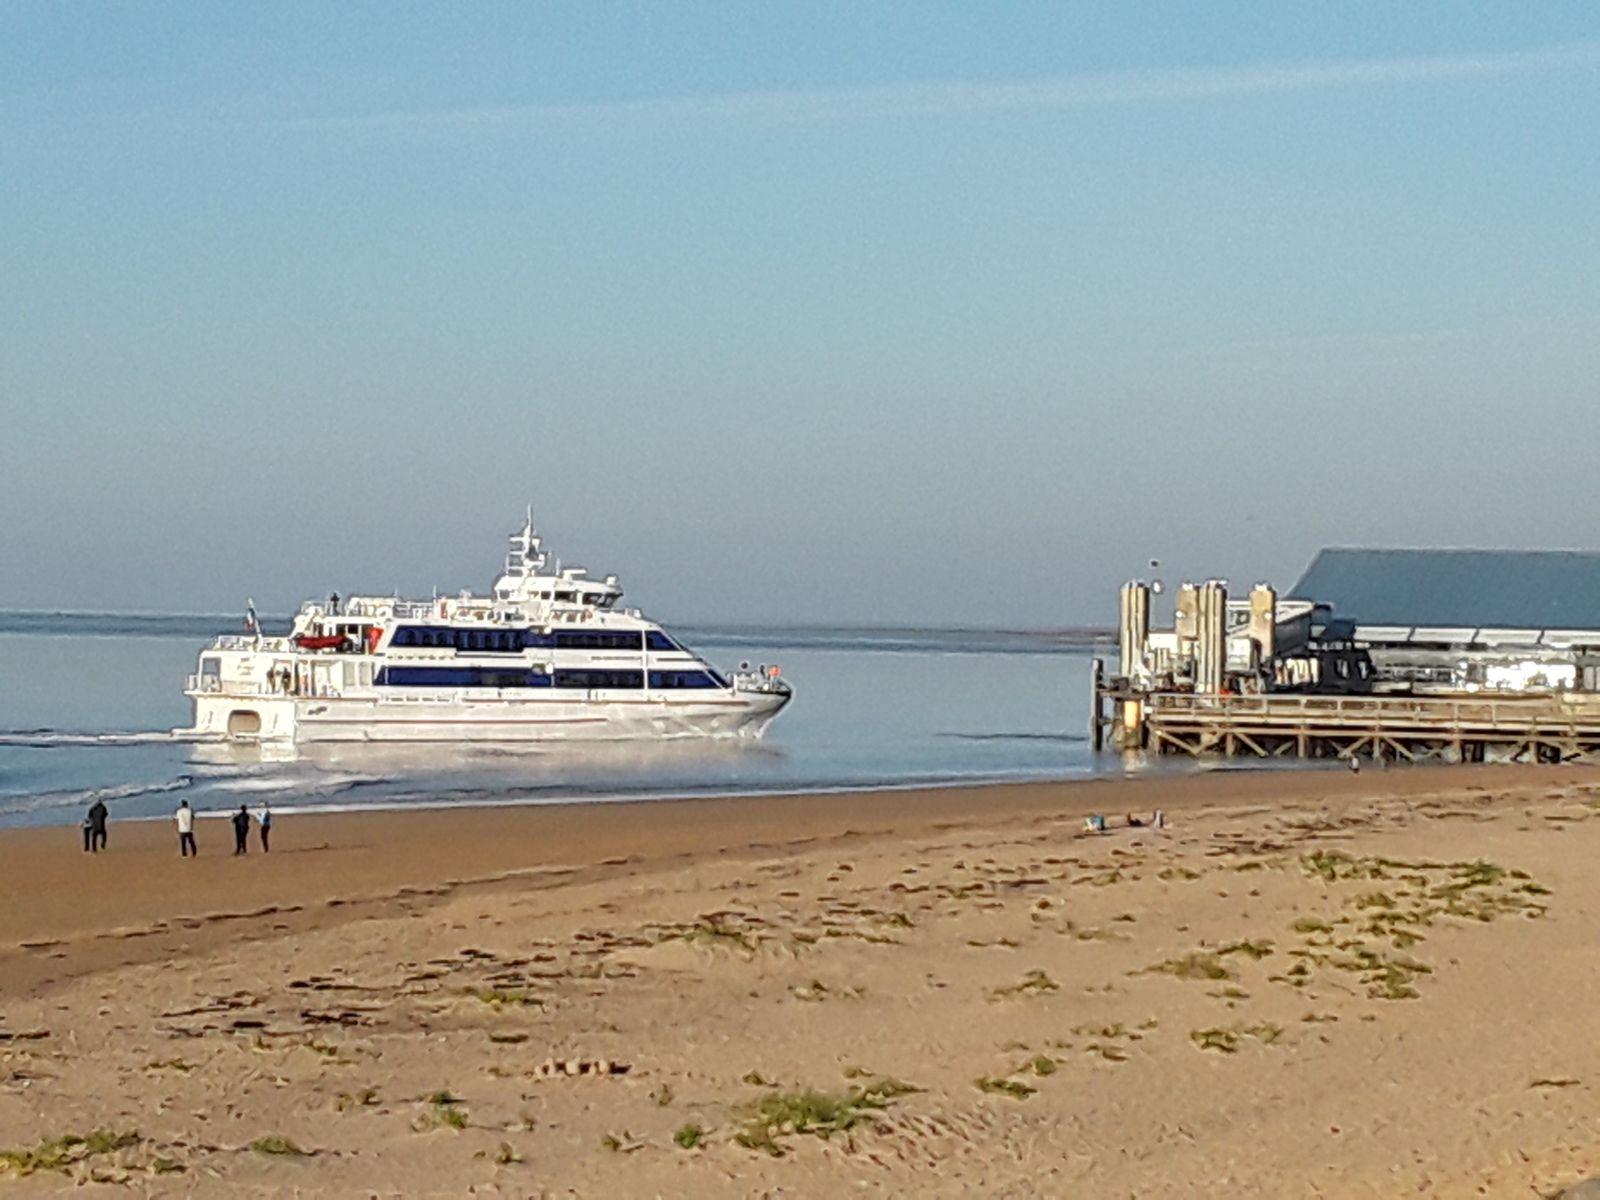 bateau arrivant à l'estacade